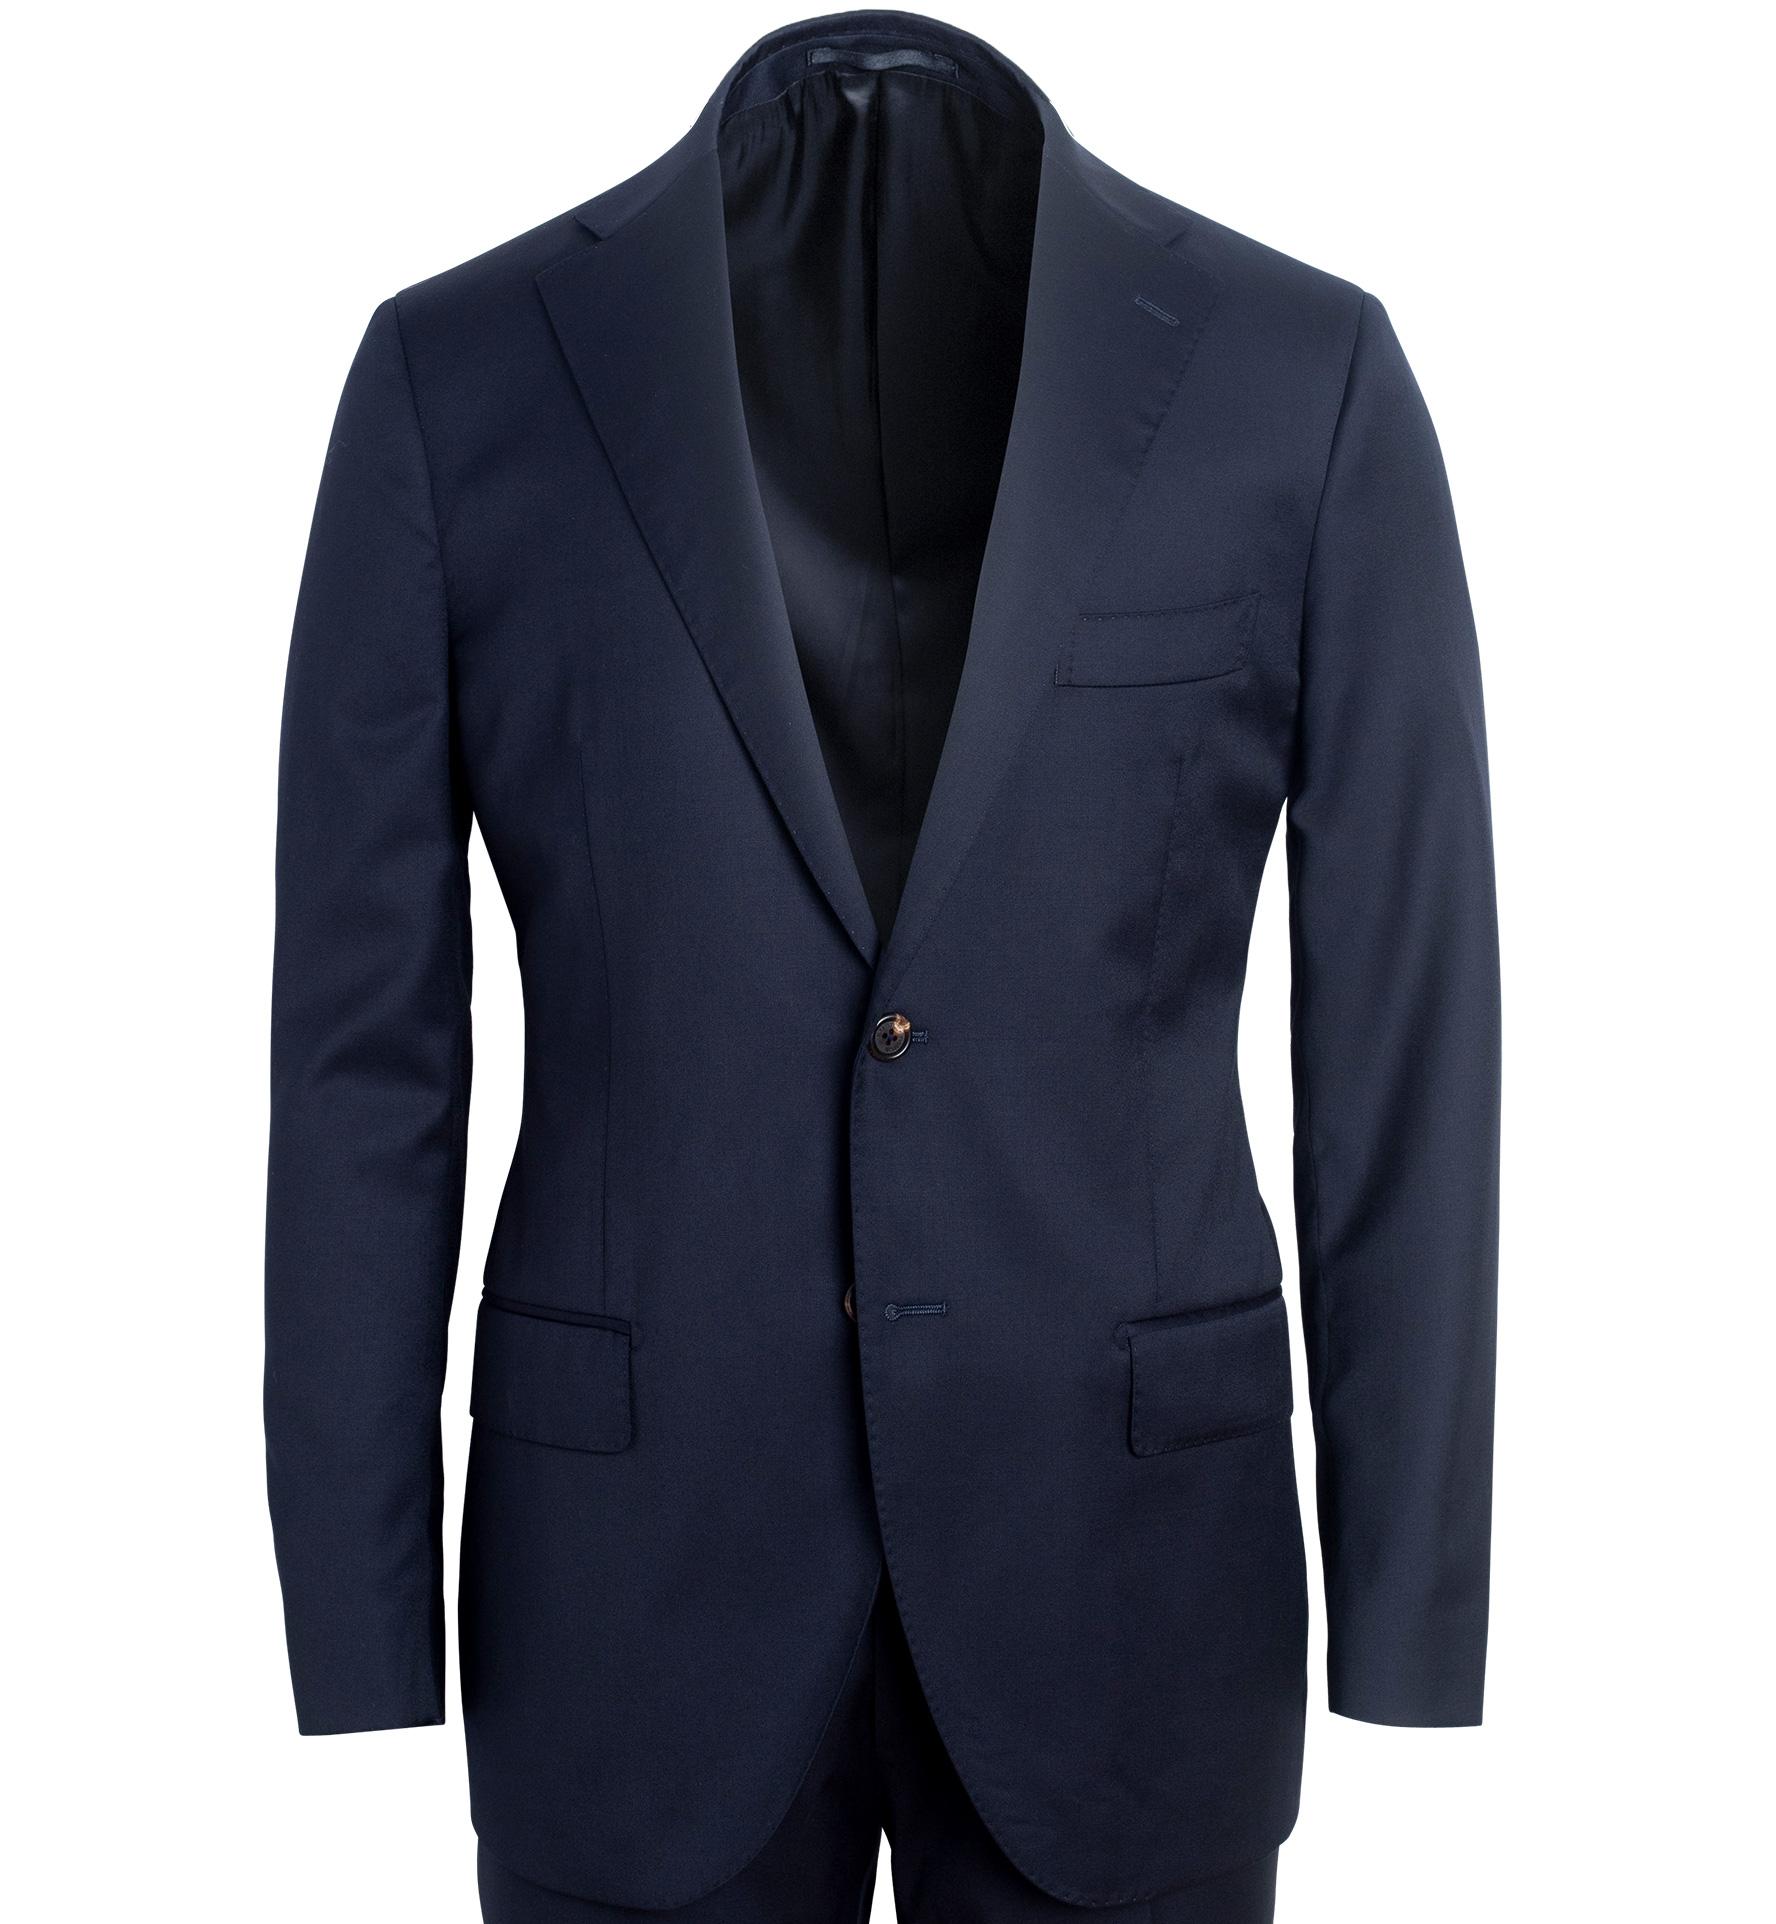 Zoom Image of Mercer Navy S130s Wool Suit Jacket